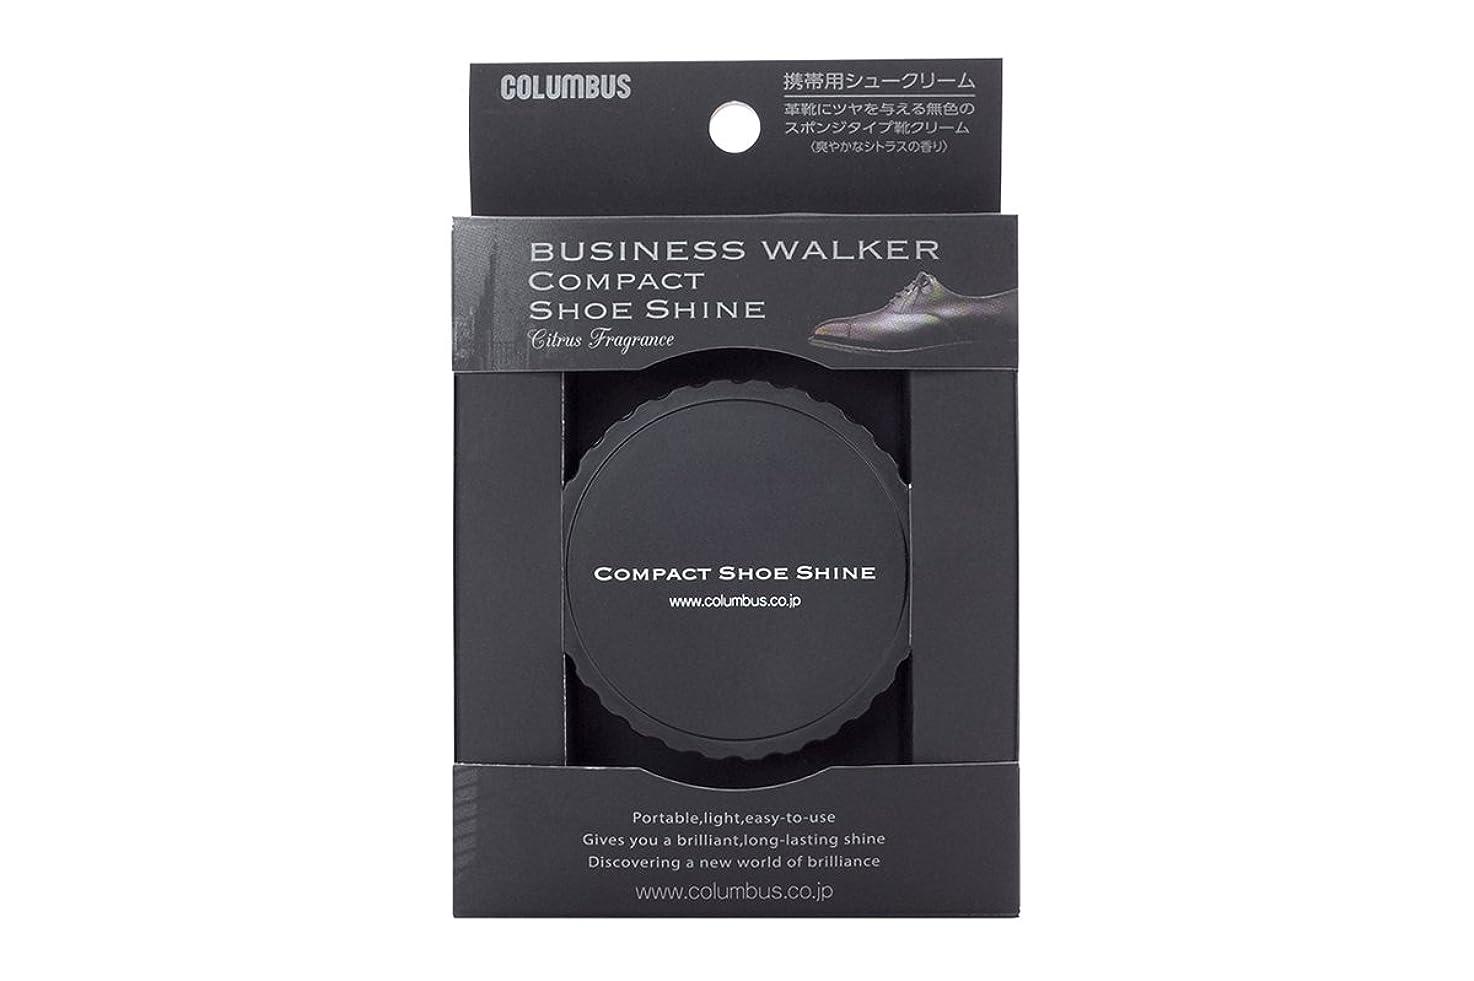 仕える特に変成器コロンブス ビジネスウォーカー 携帯用 靴磨き コンパクト シューシャイン 無色